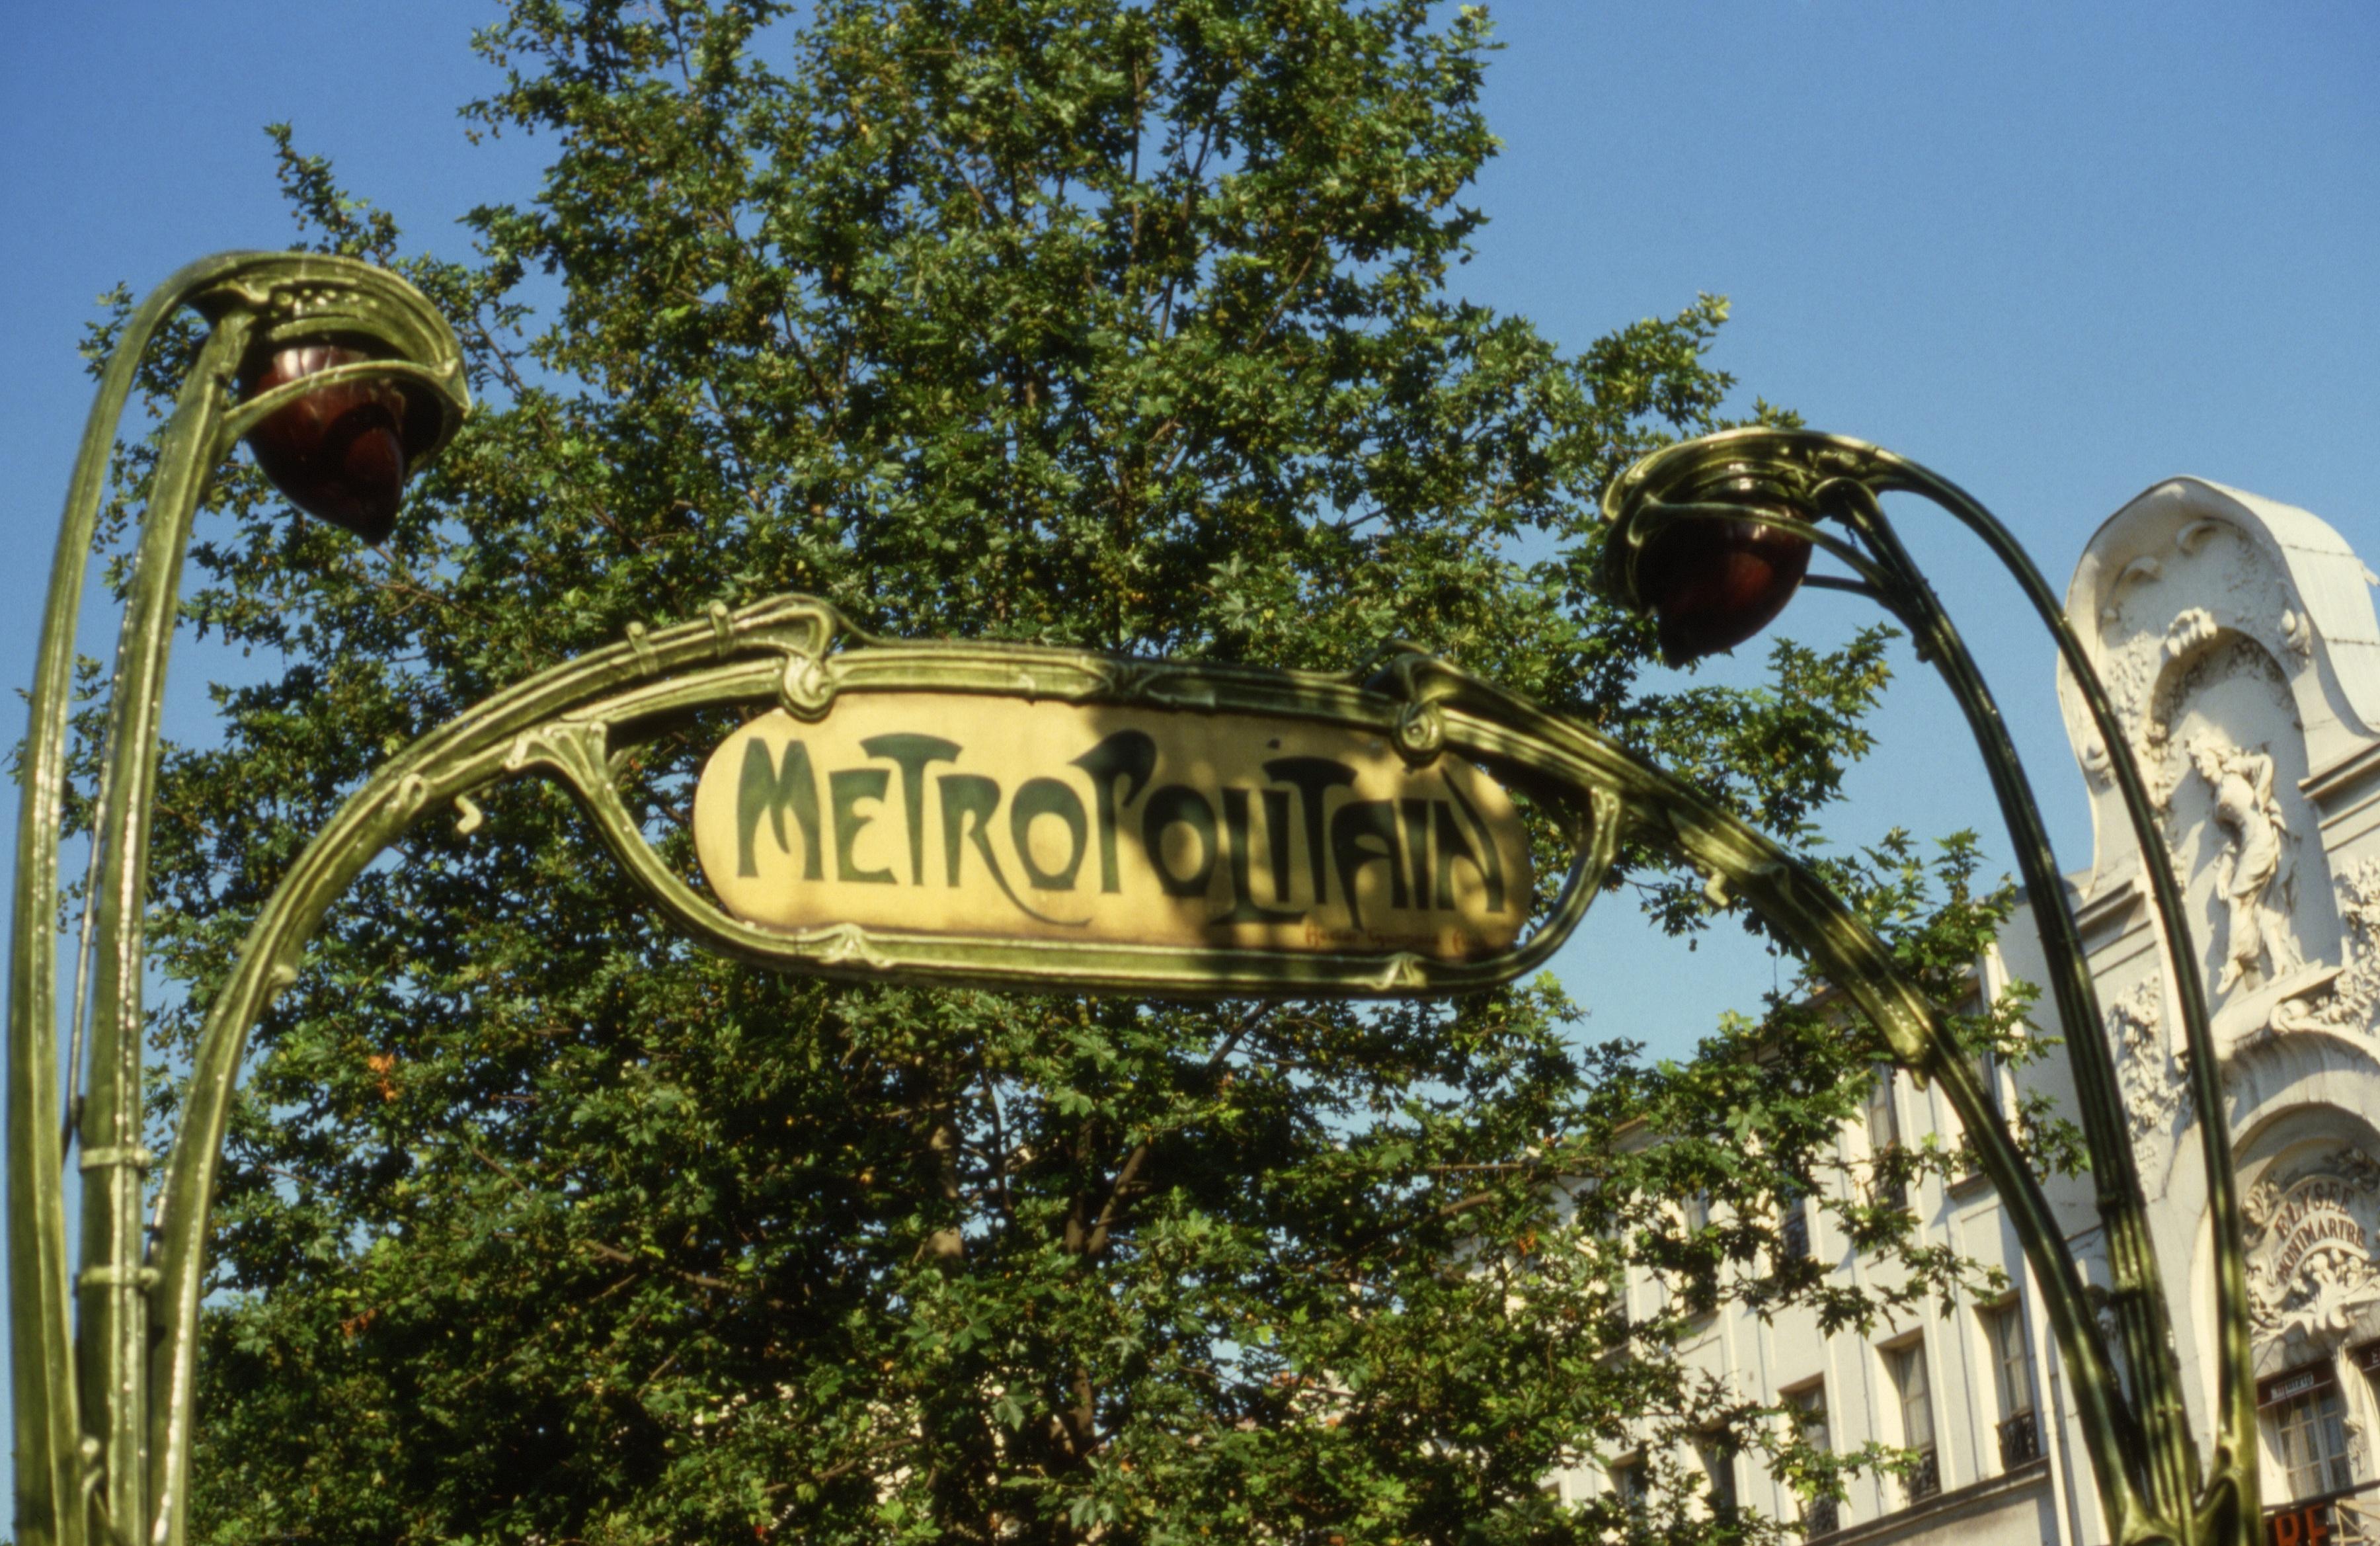 Gratis Afbeeldingen : Parijs, metro, Frankrijk, teken, attractiepark ...